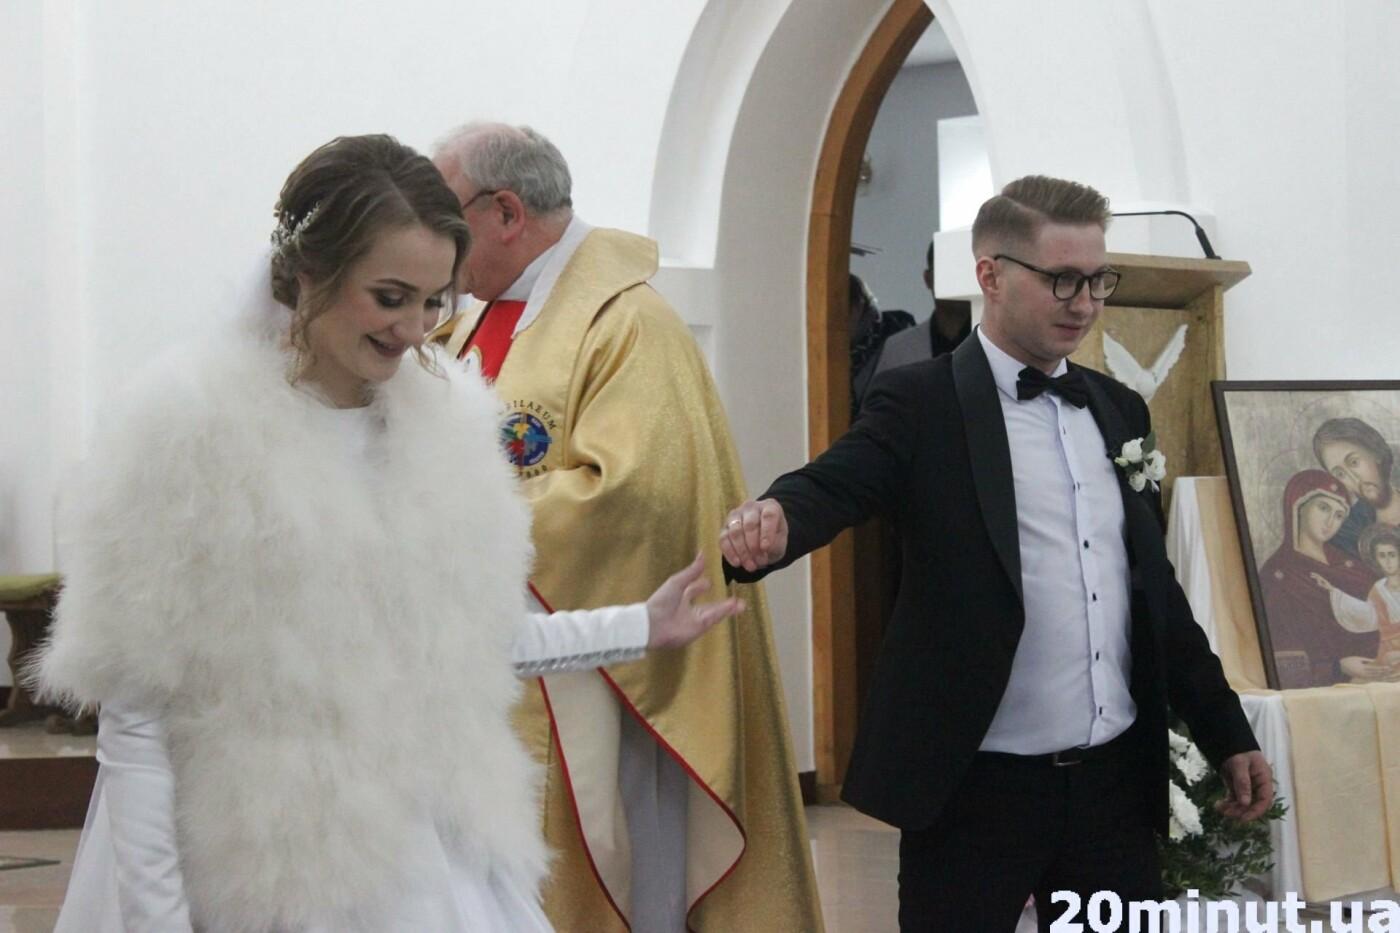 """У День закоханих одружився учасник тернопільського гурту """"Тріоди"""" (ФОТО+ВІДЕО), фото-2"""